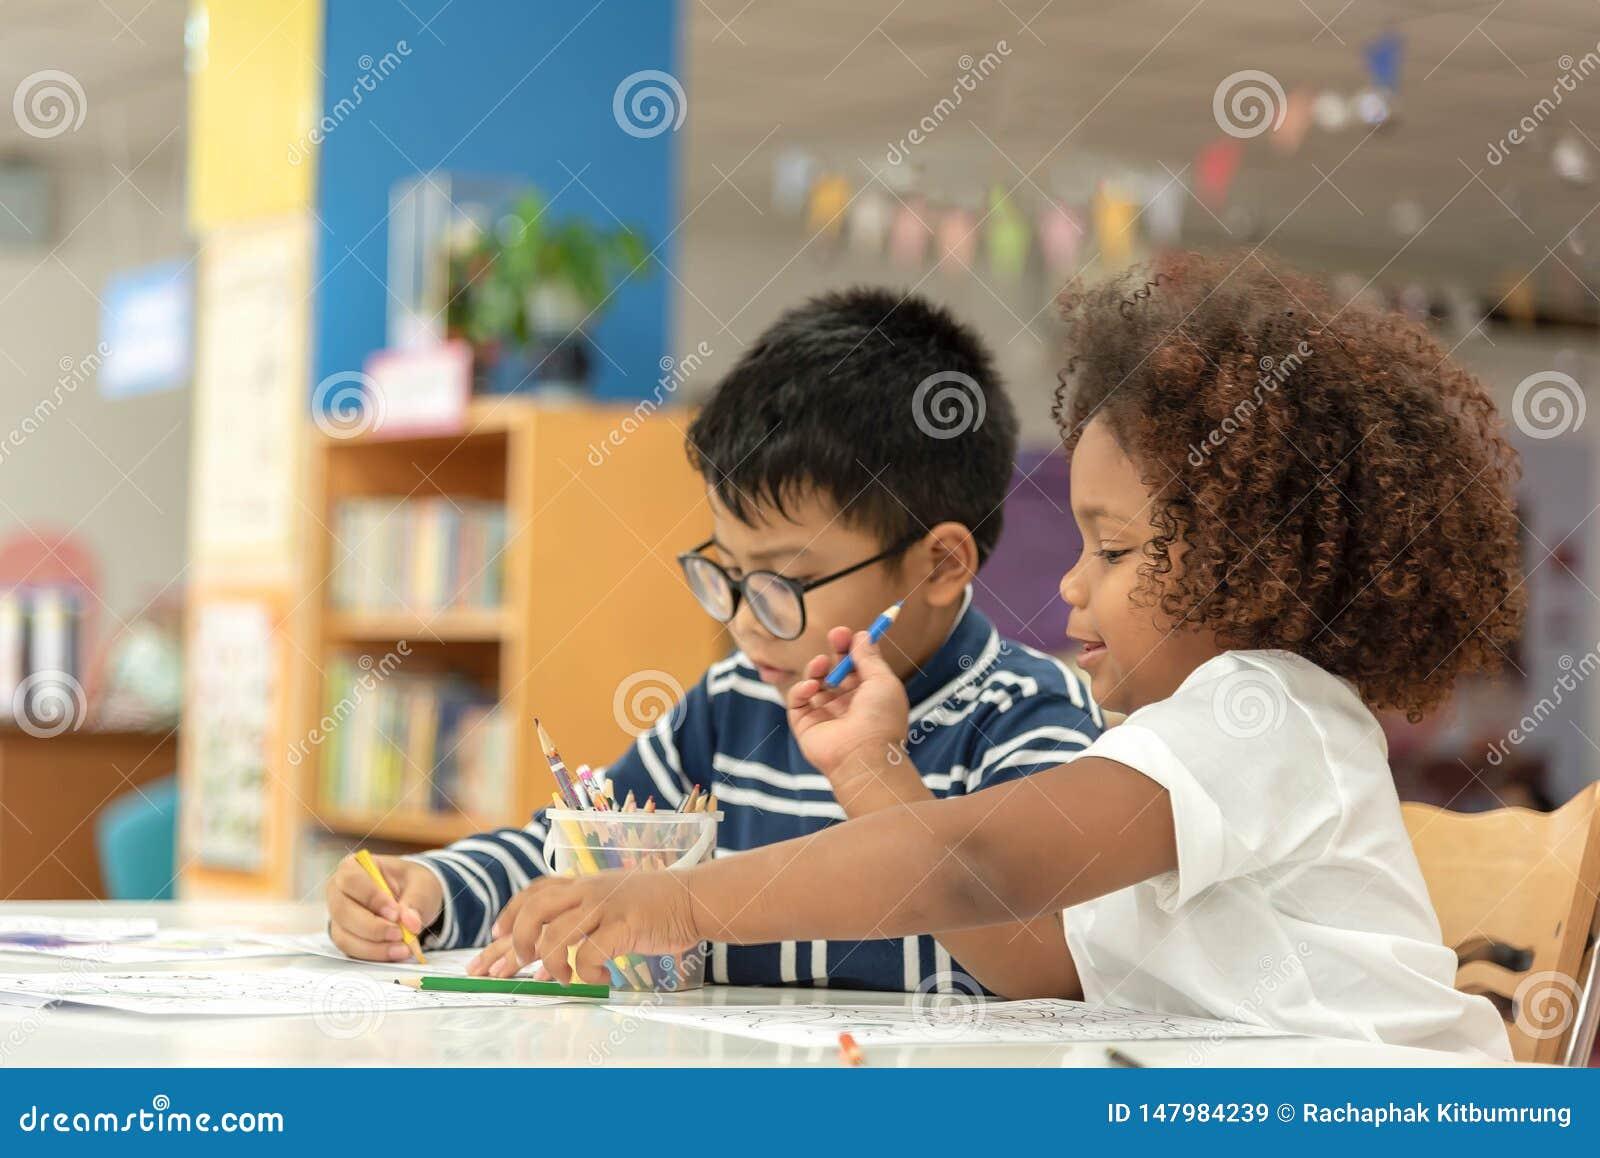 Piccolo ragazza e ragazzo del bambino che riuniscono Ragazzo asiatico e mescolare ragazza africana per imparare insieme e giocare